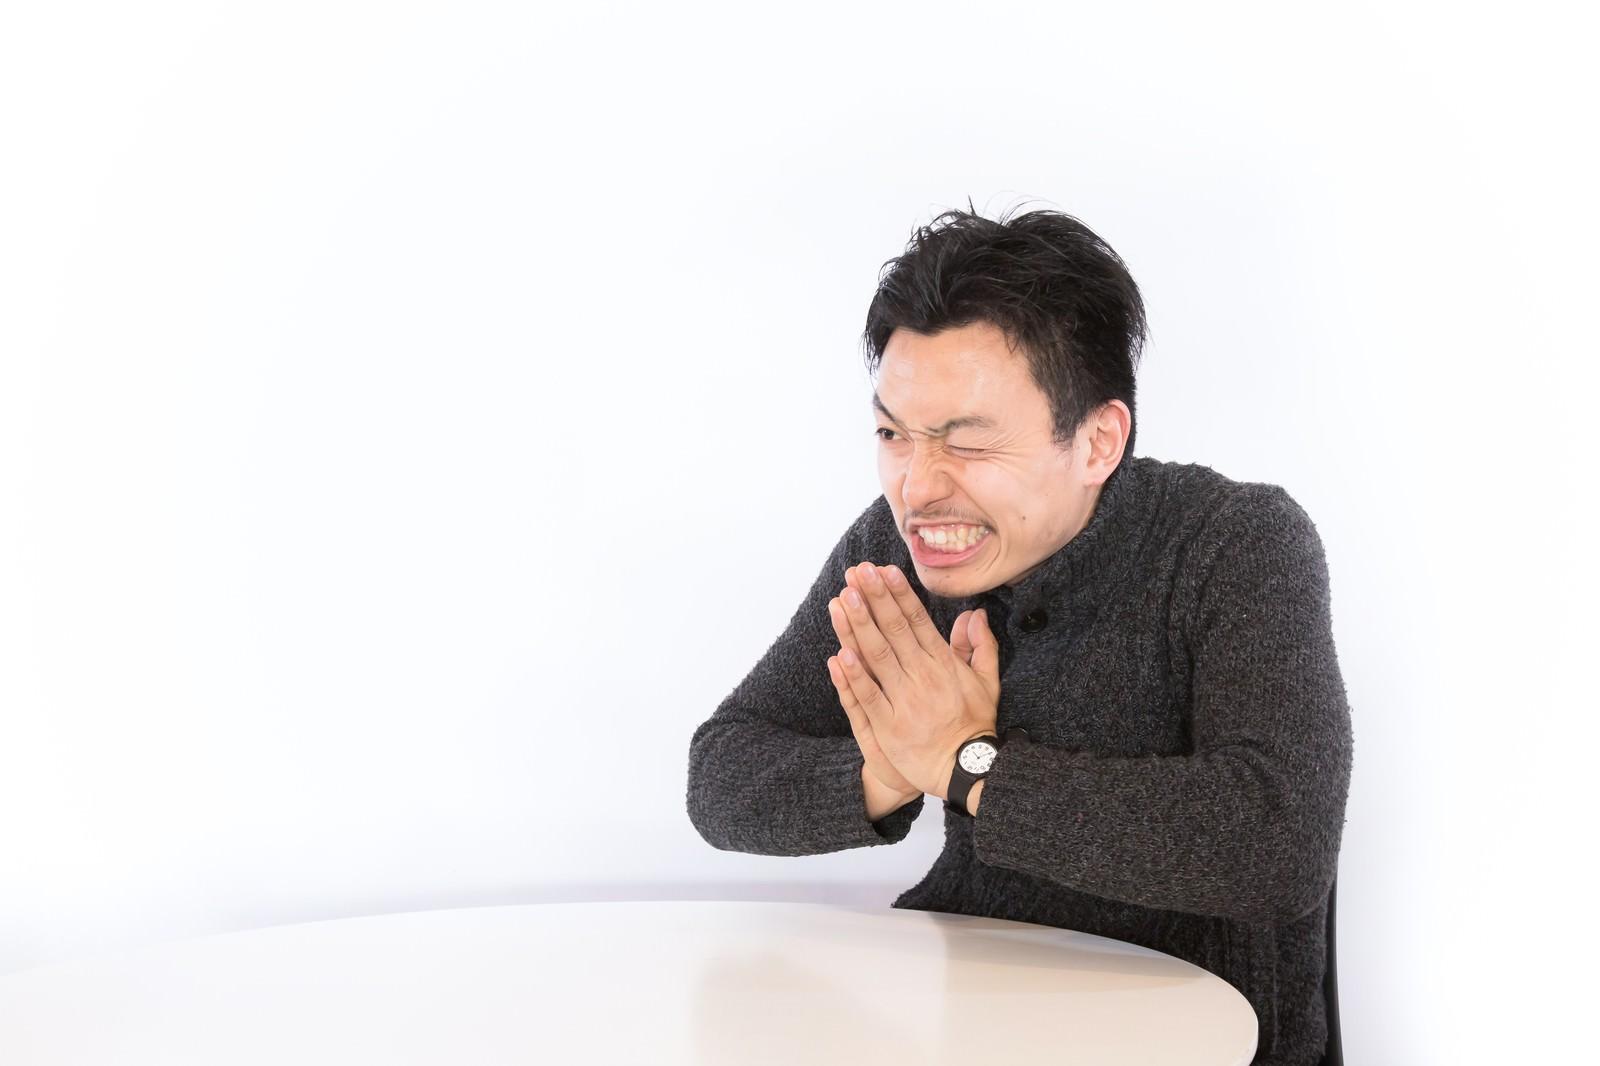 「断りづらい一生のお願い断りづらい一生のお願い」[モデル:藤沢篤]のフリー写真素材を拡大